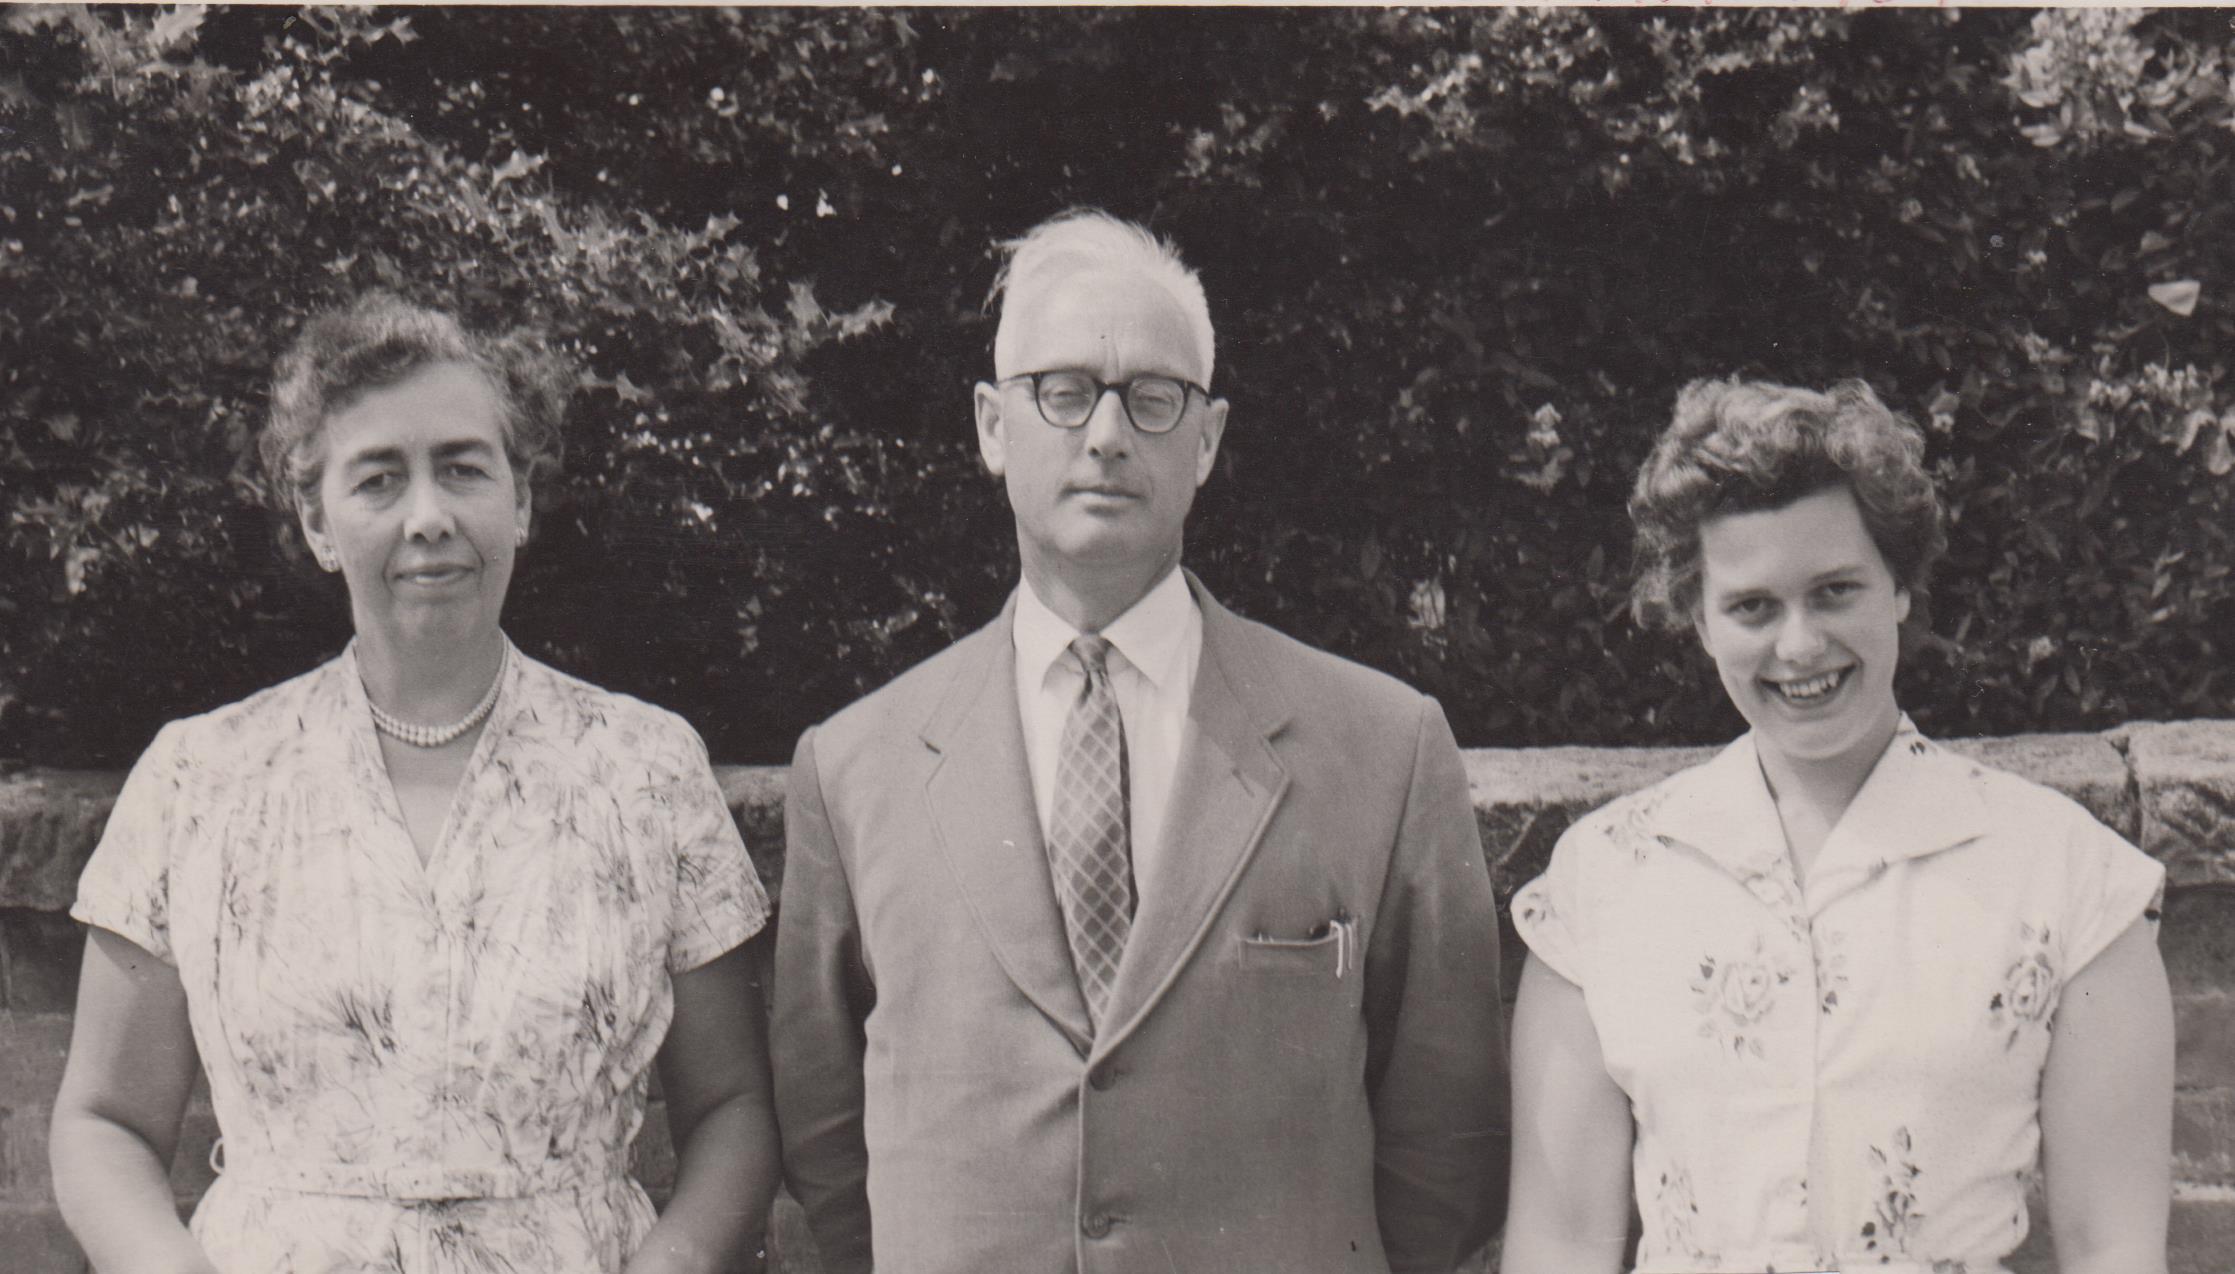 school_teachers_summer_1959_001.jpg